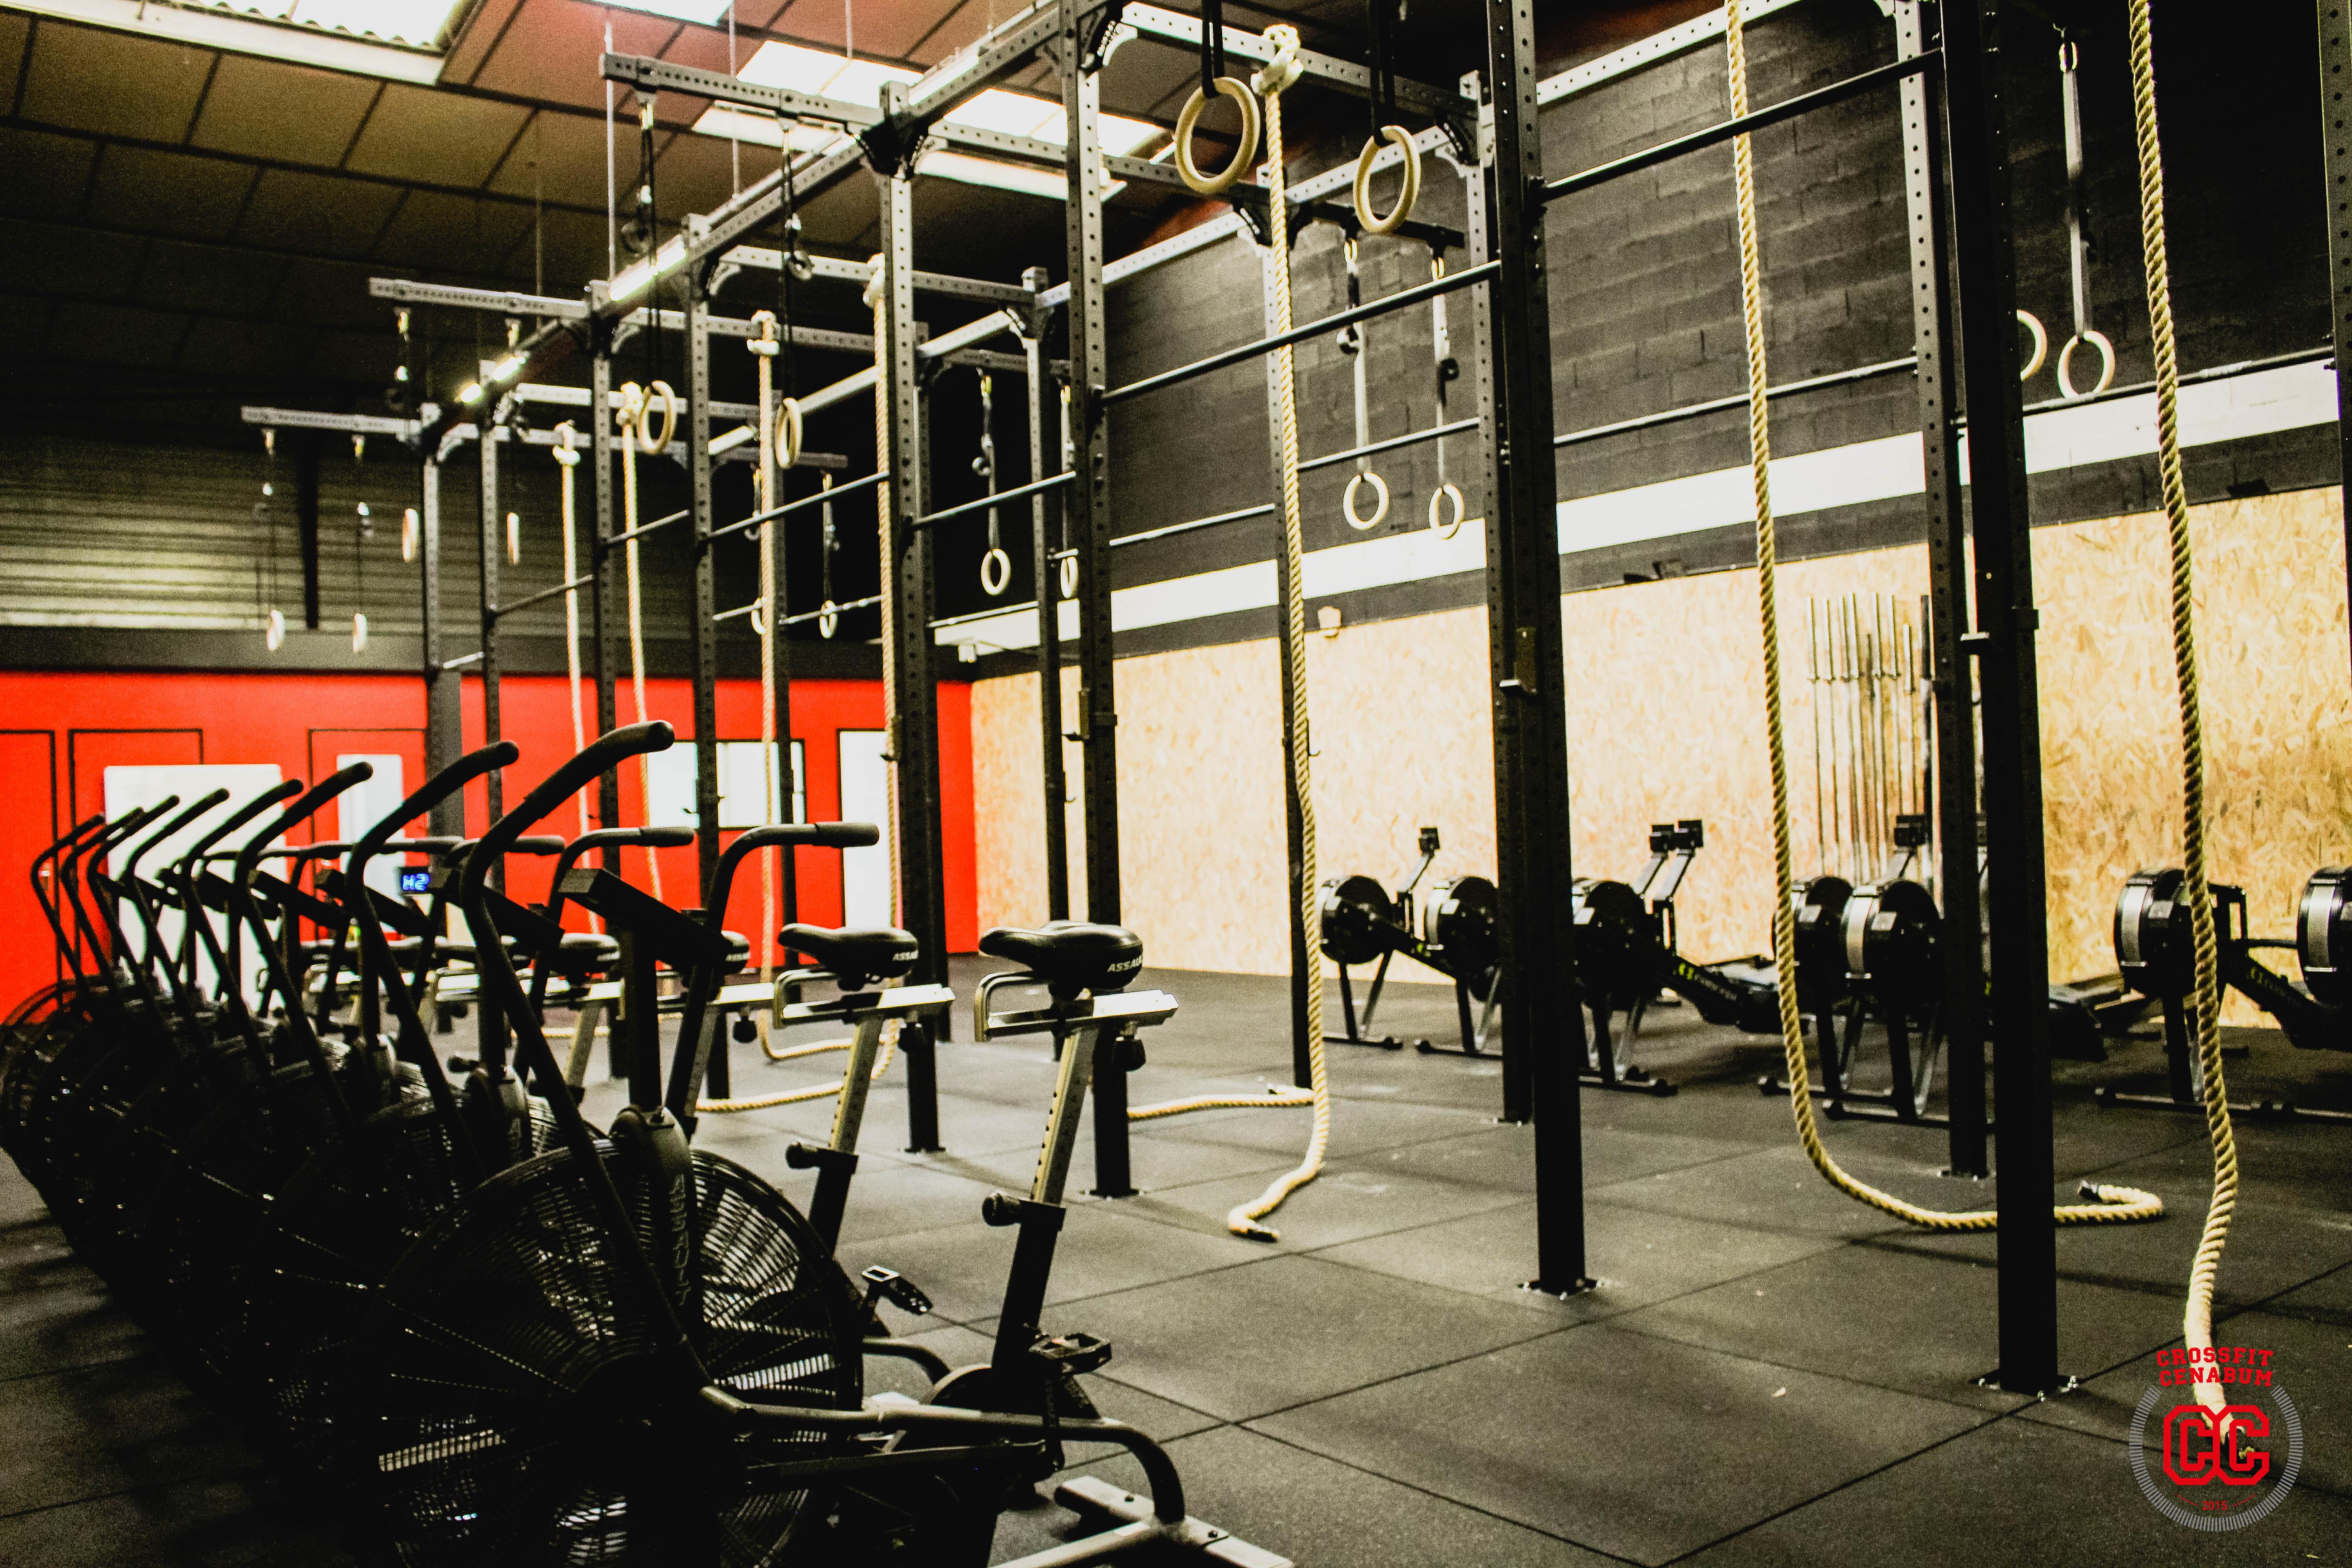 y at-il un site de rencontre CrossFit Internet datant de la recherche de psychologie